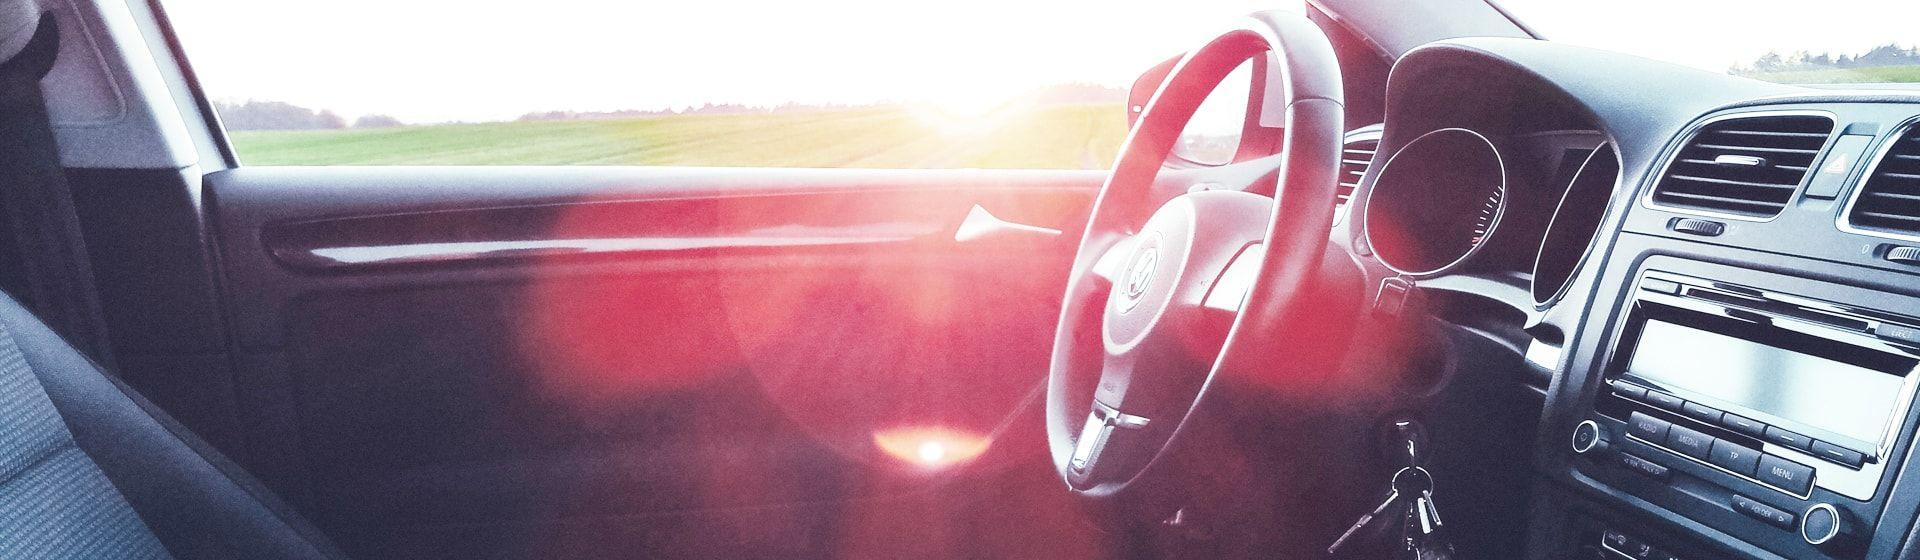 Software-Update schützt VW nicht vor Schadensersatzzahlungen